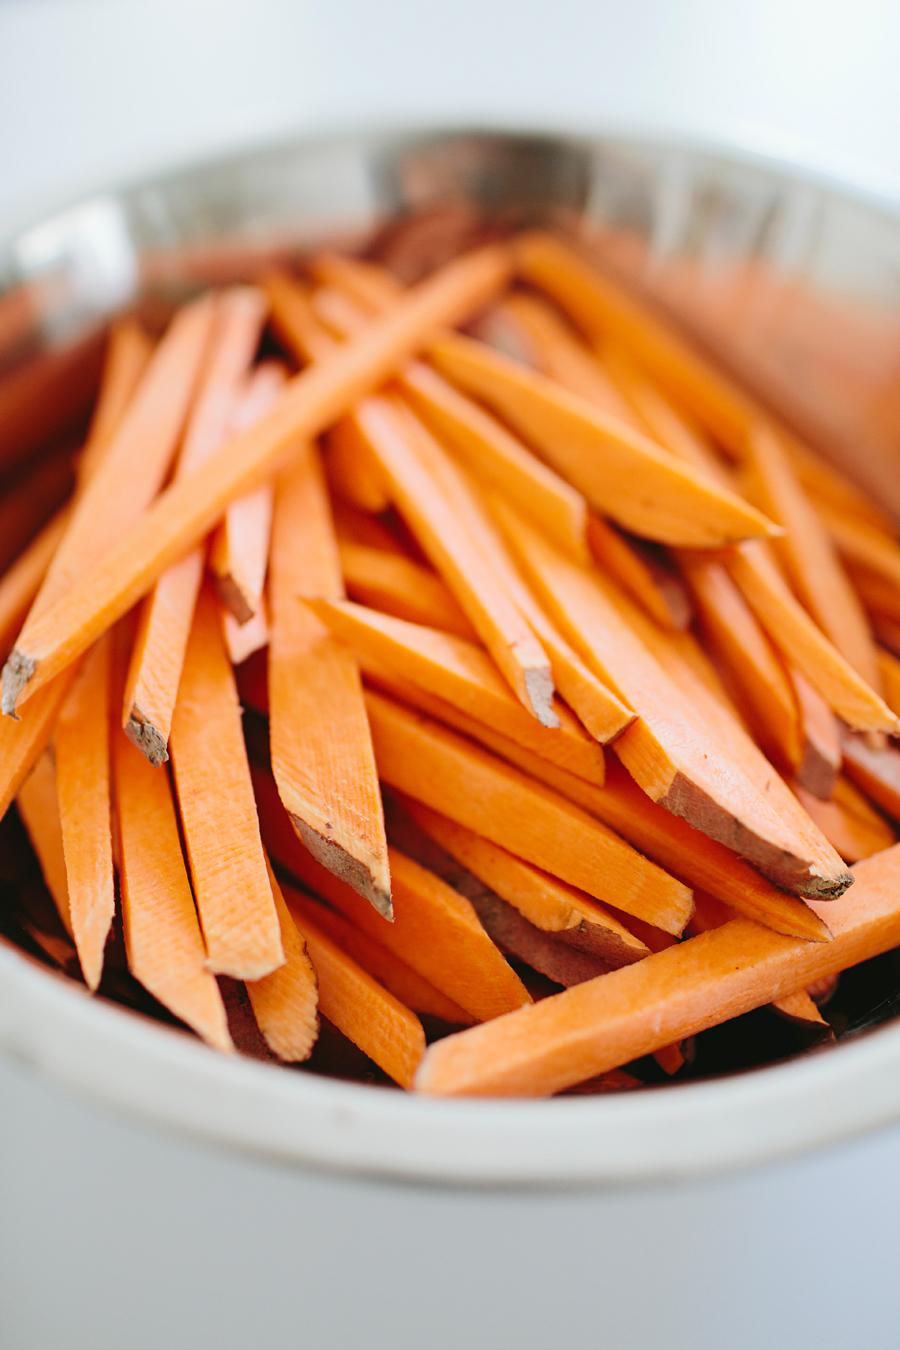 brookecourtney_sweetpotatofries_ovenbaked_frysauce-3.jpg